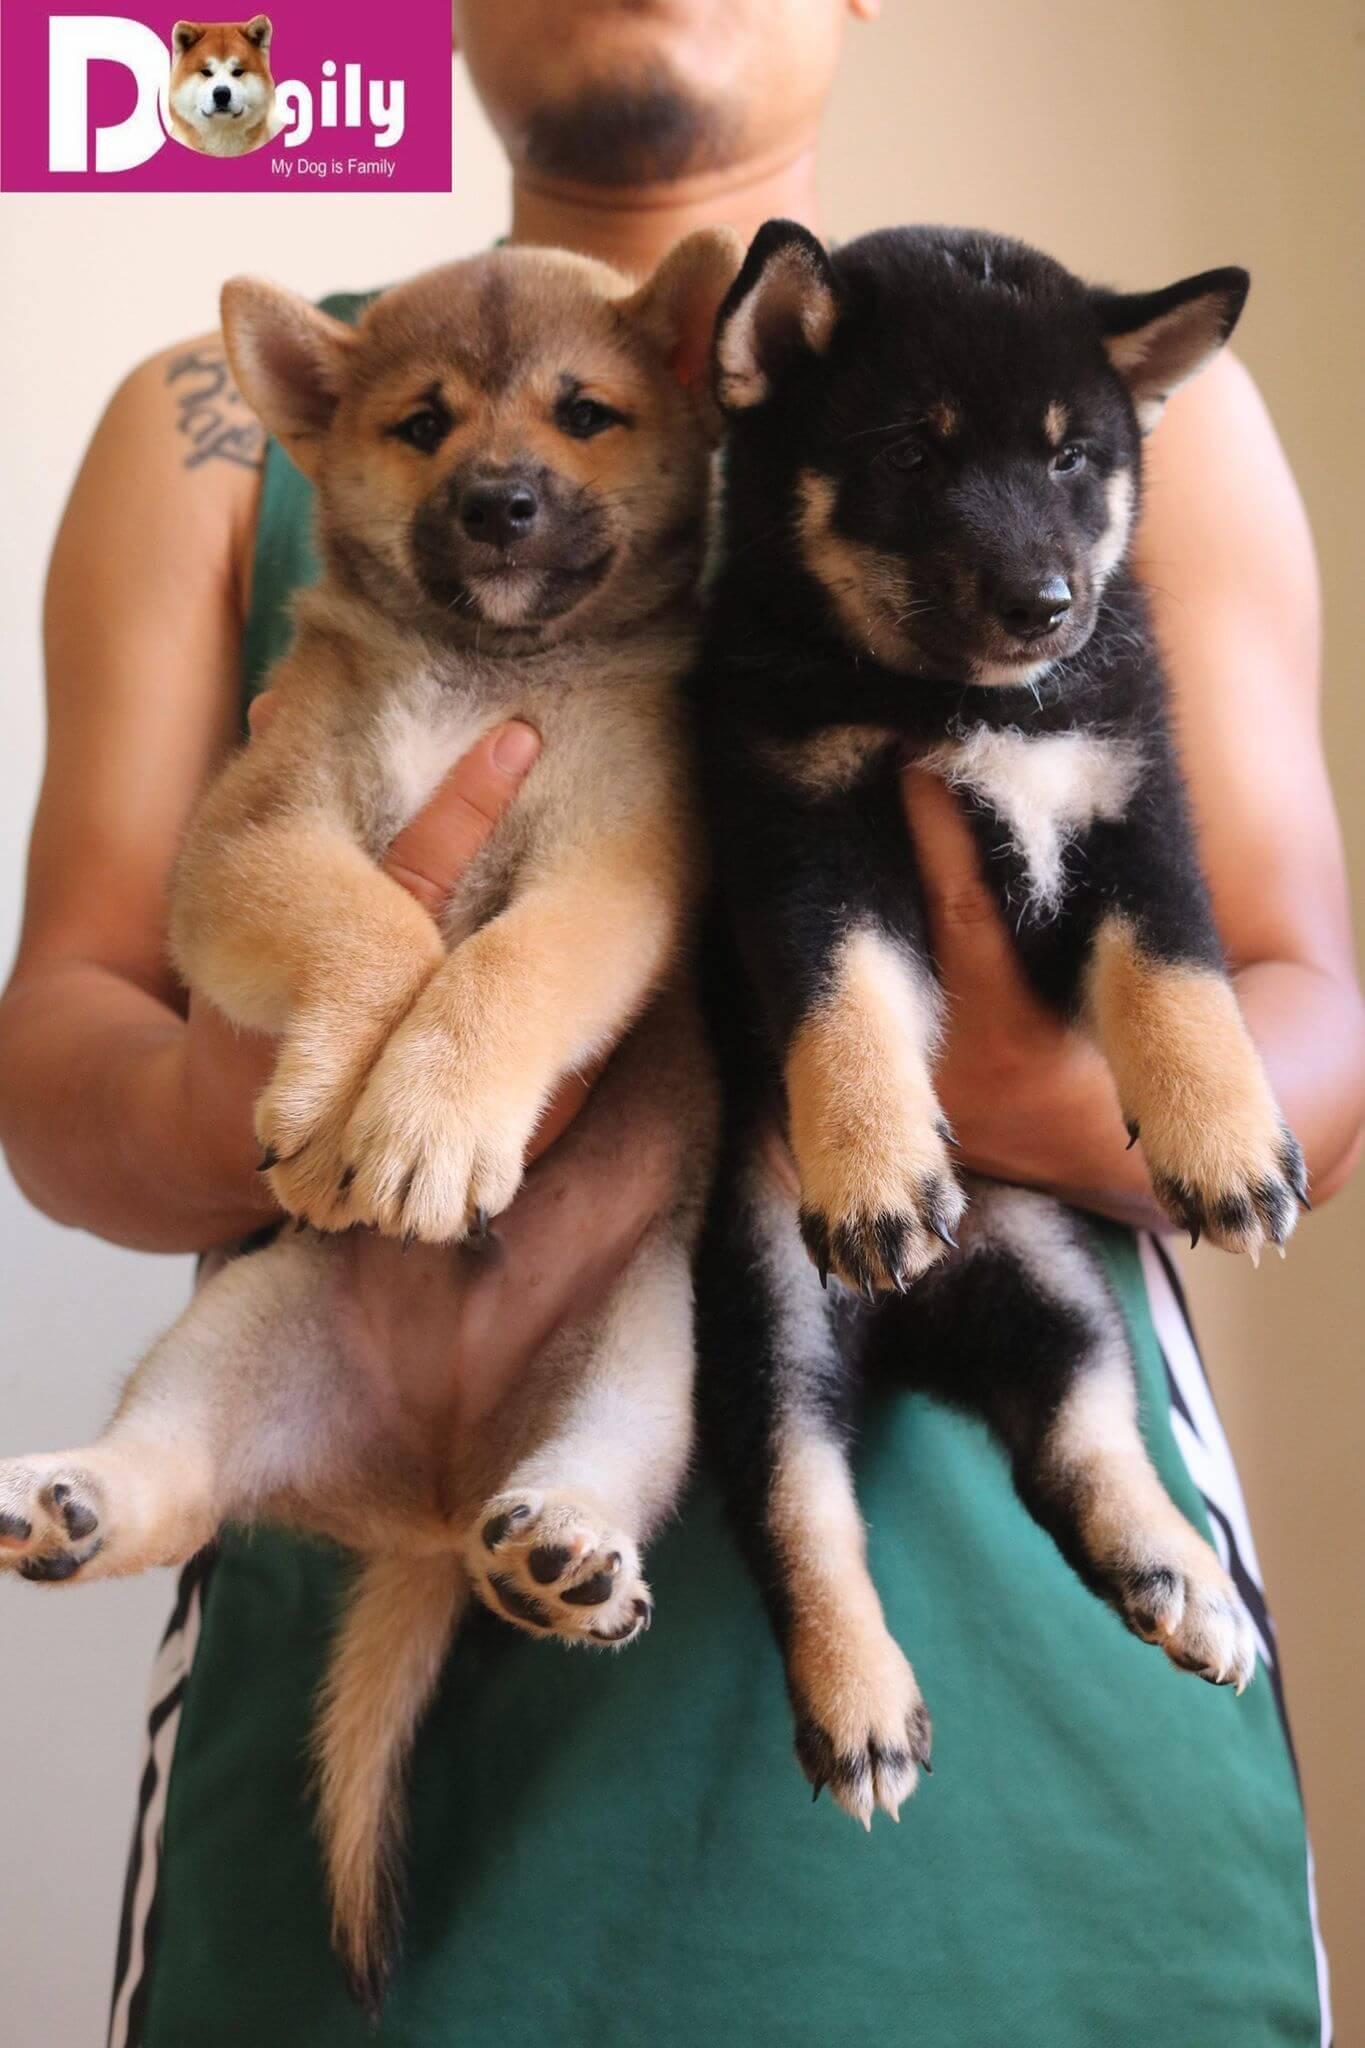 Bán chó shiba inu màu đen và vàng thuần chủng tháng 11.2018 Dogily Petshop 2